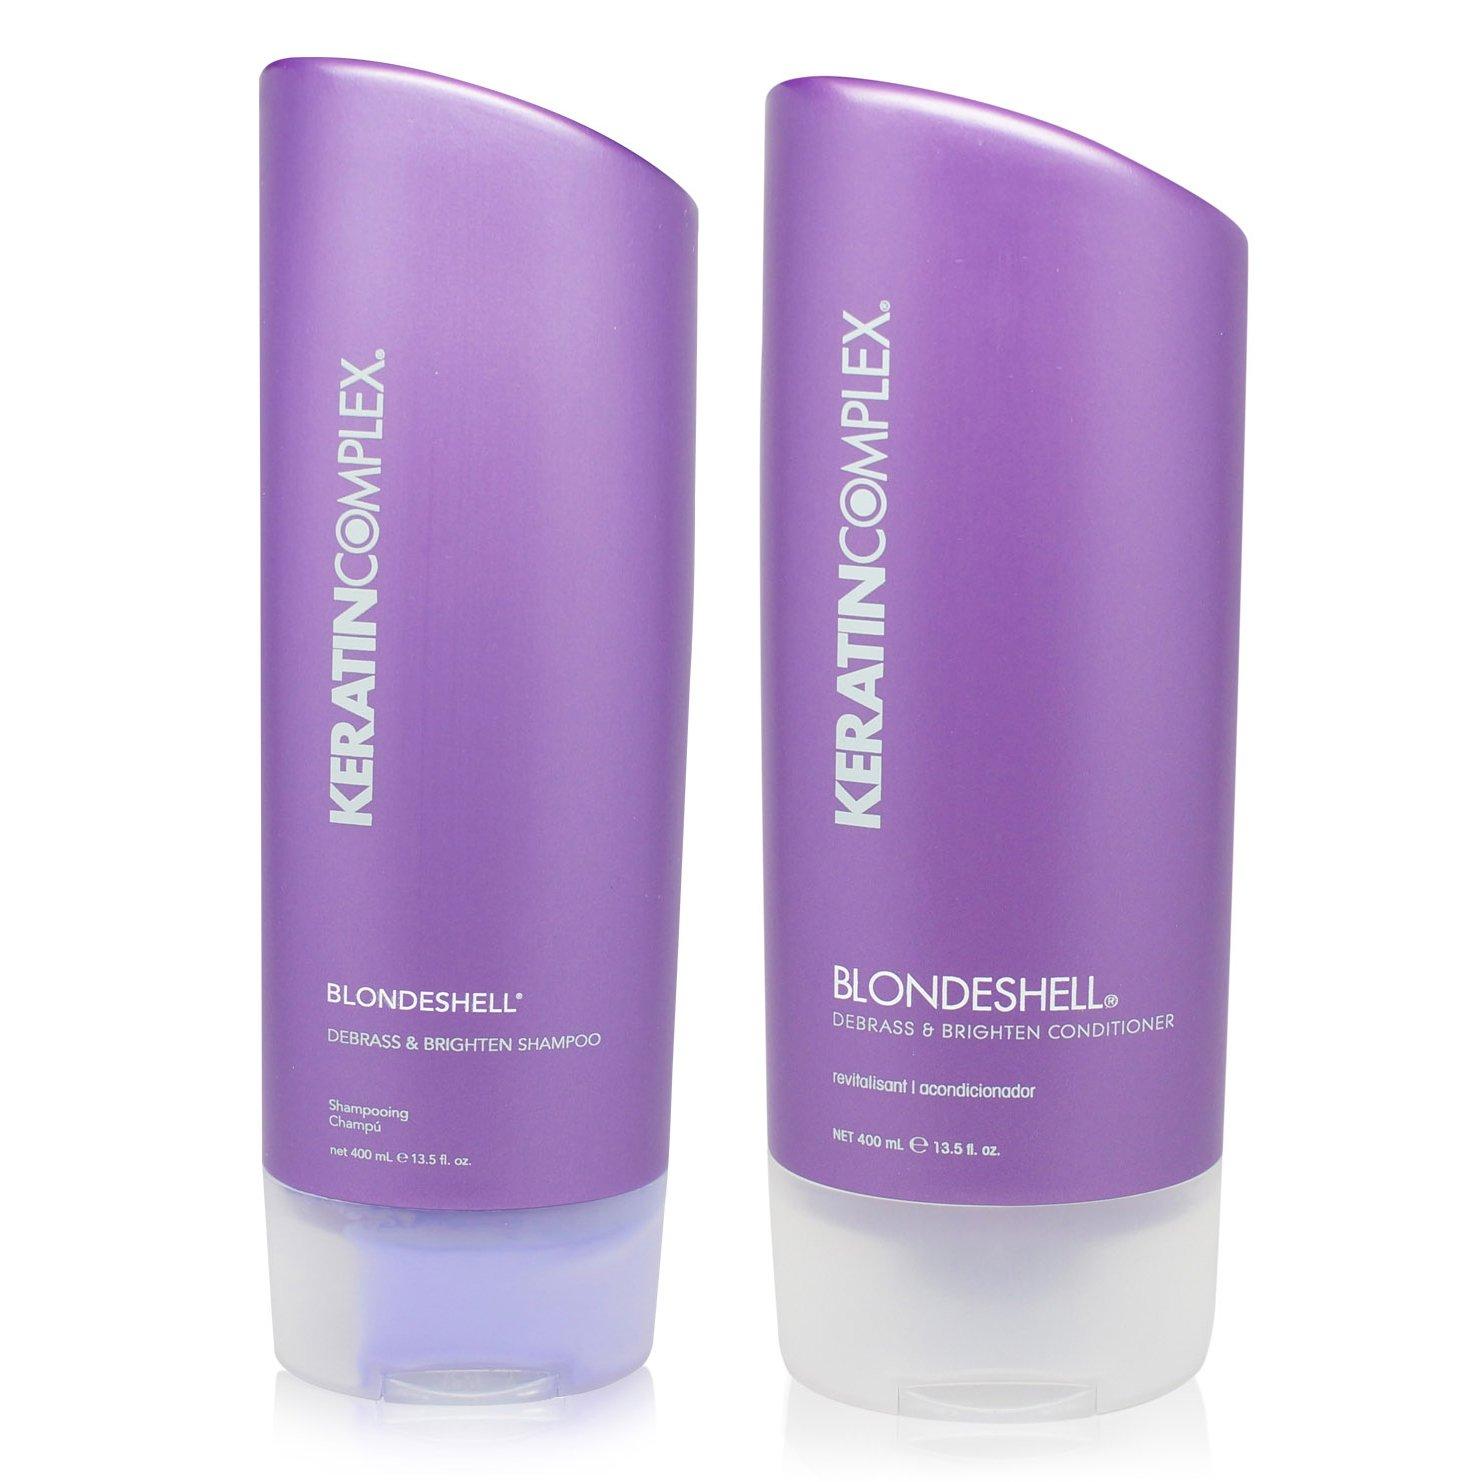 Keratin Complex Blondeshell Debrass & Brighten Shampoo And Conditioner Duo 13.5 oz